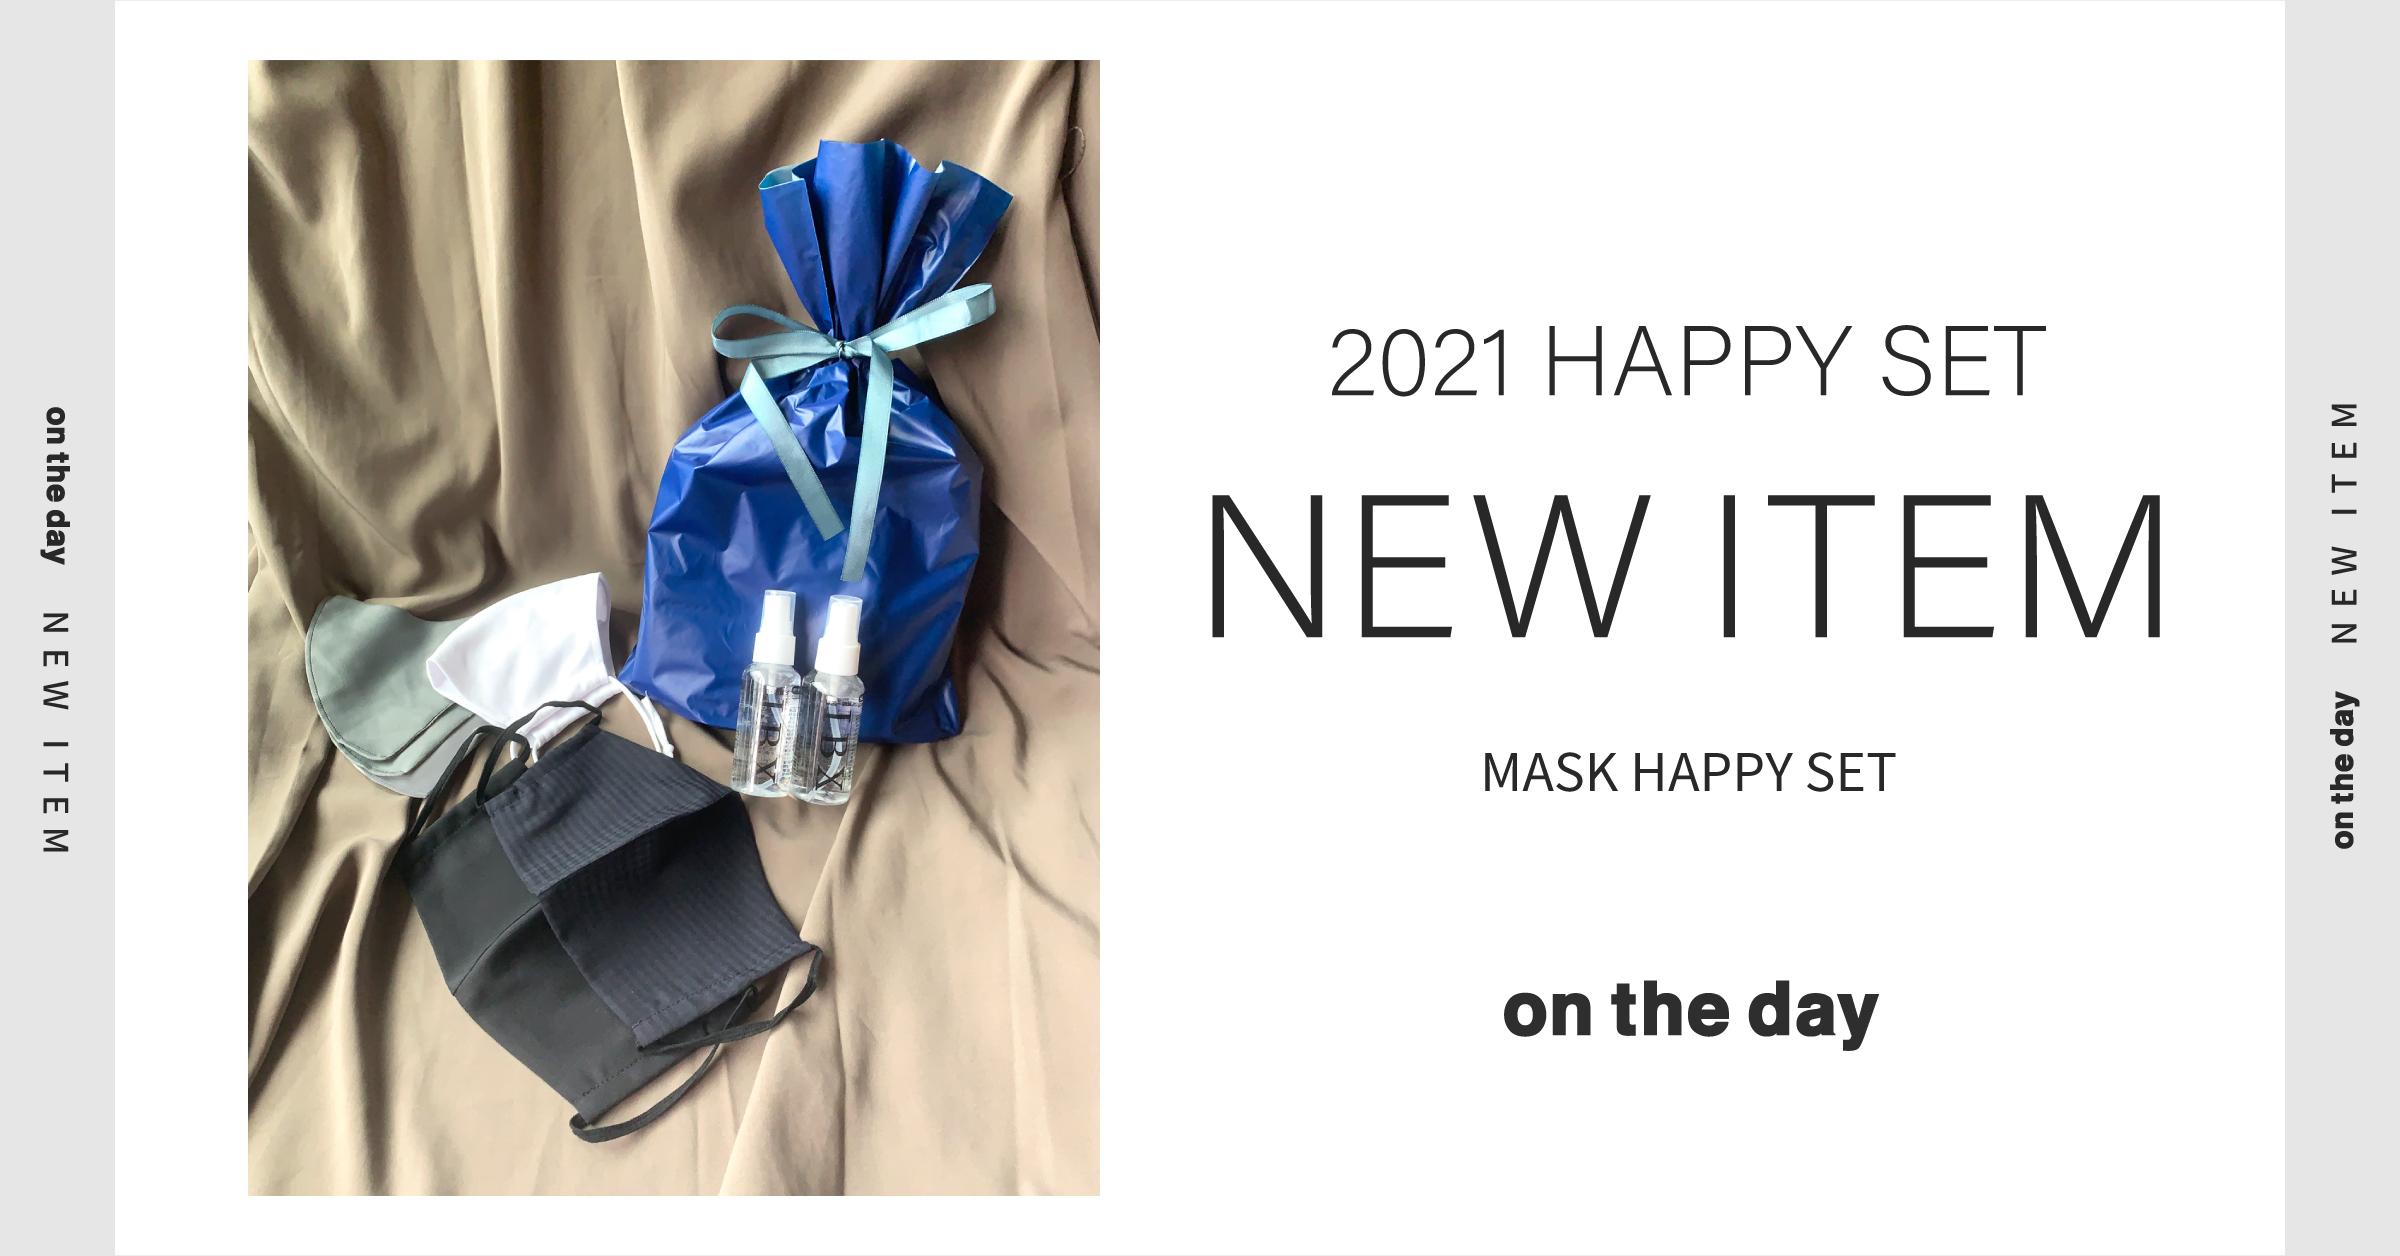 2021年もエチケットをファッショナブルに【MASK HAPPY SET】